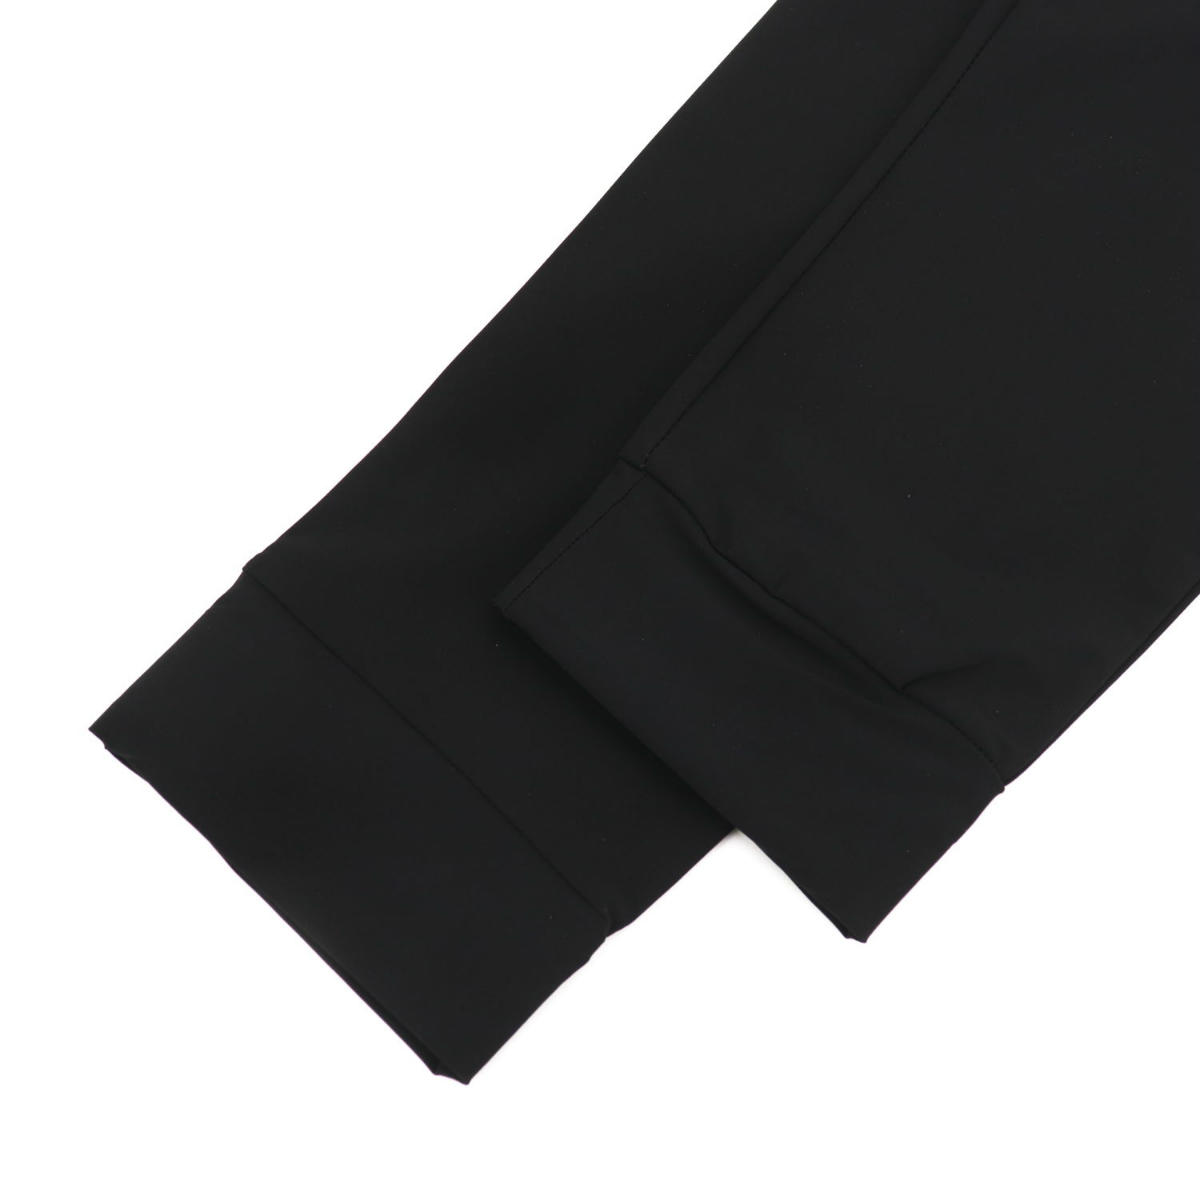 ピーエムディーエス P.M.D.S. PMDS メンズ ハイパーストレッチ ナイロン ジャージーパンツ  INVISIBLE LY PMD T568 NERO 02(ブラック) 春夏新作